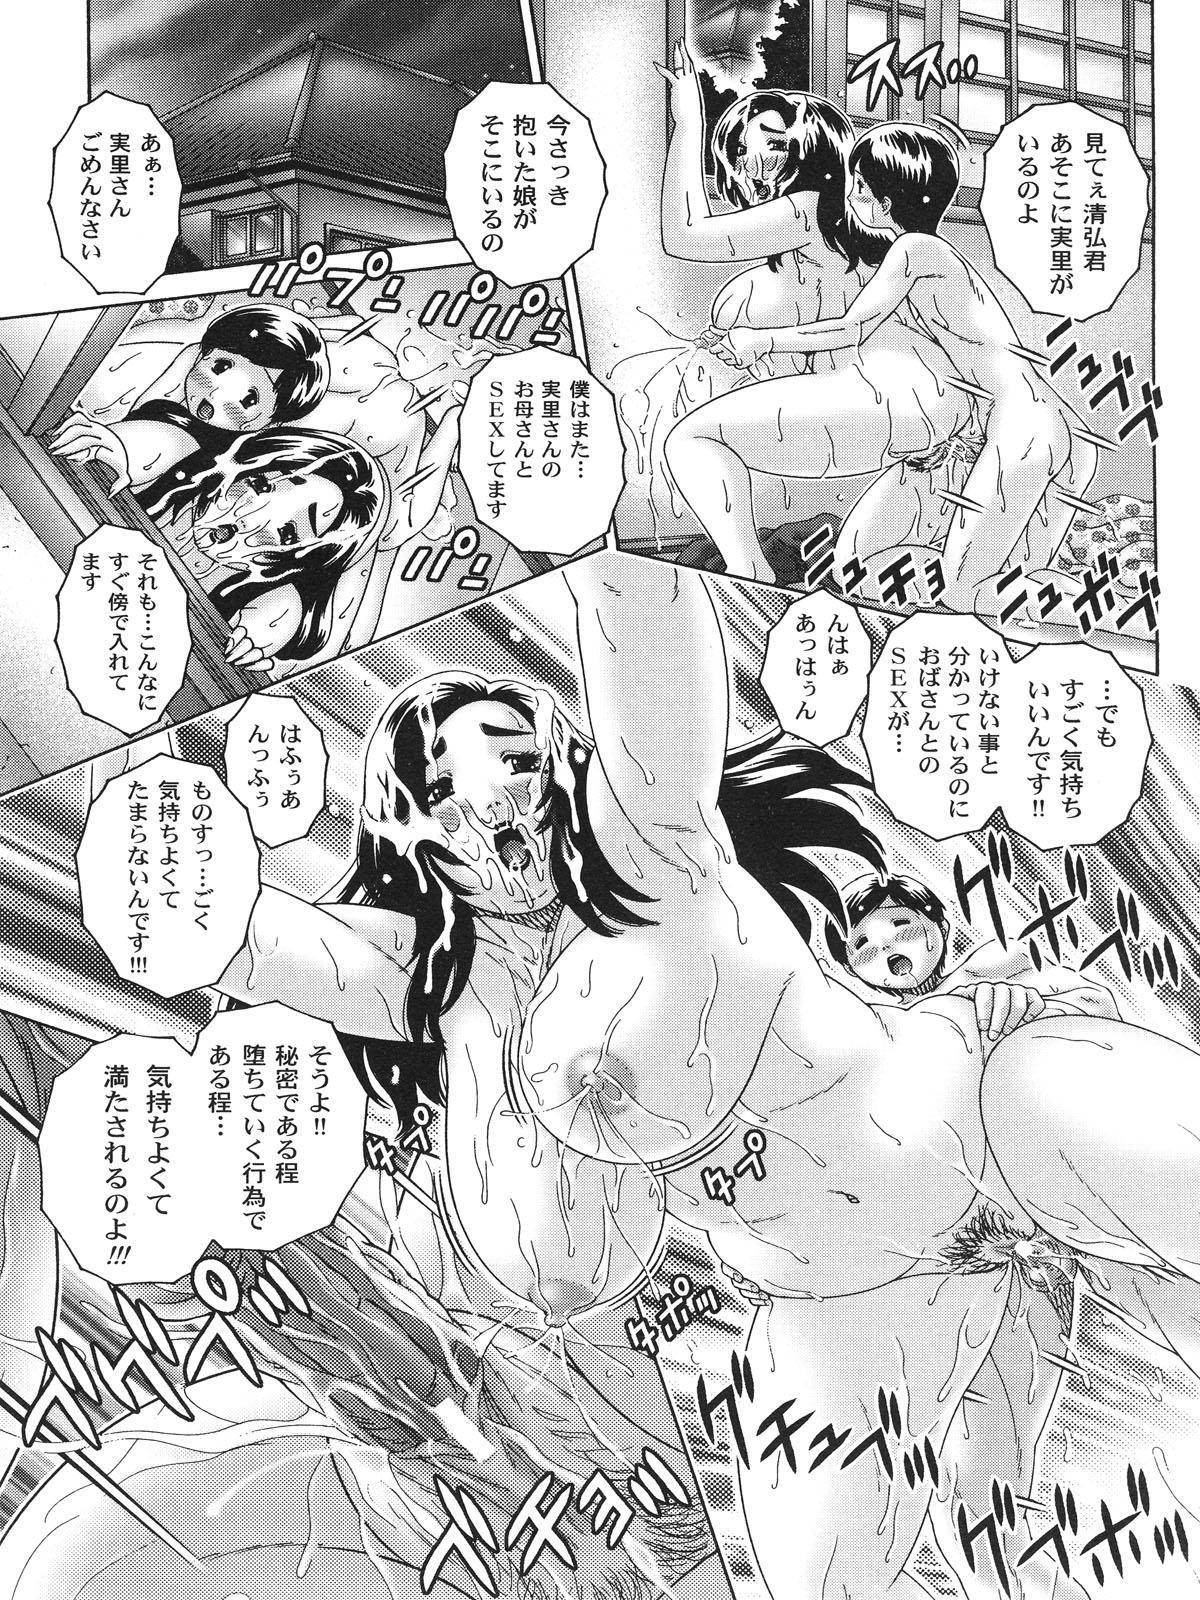 Nakadashi De Iinoyo 154